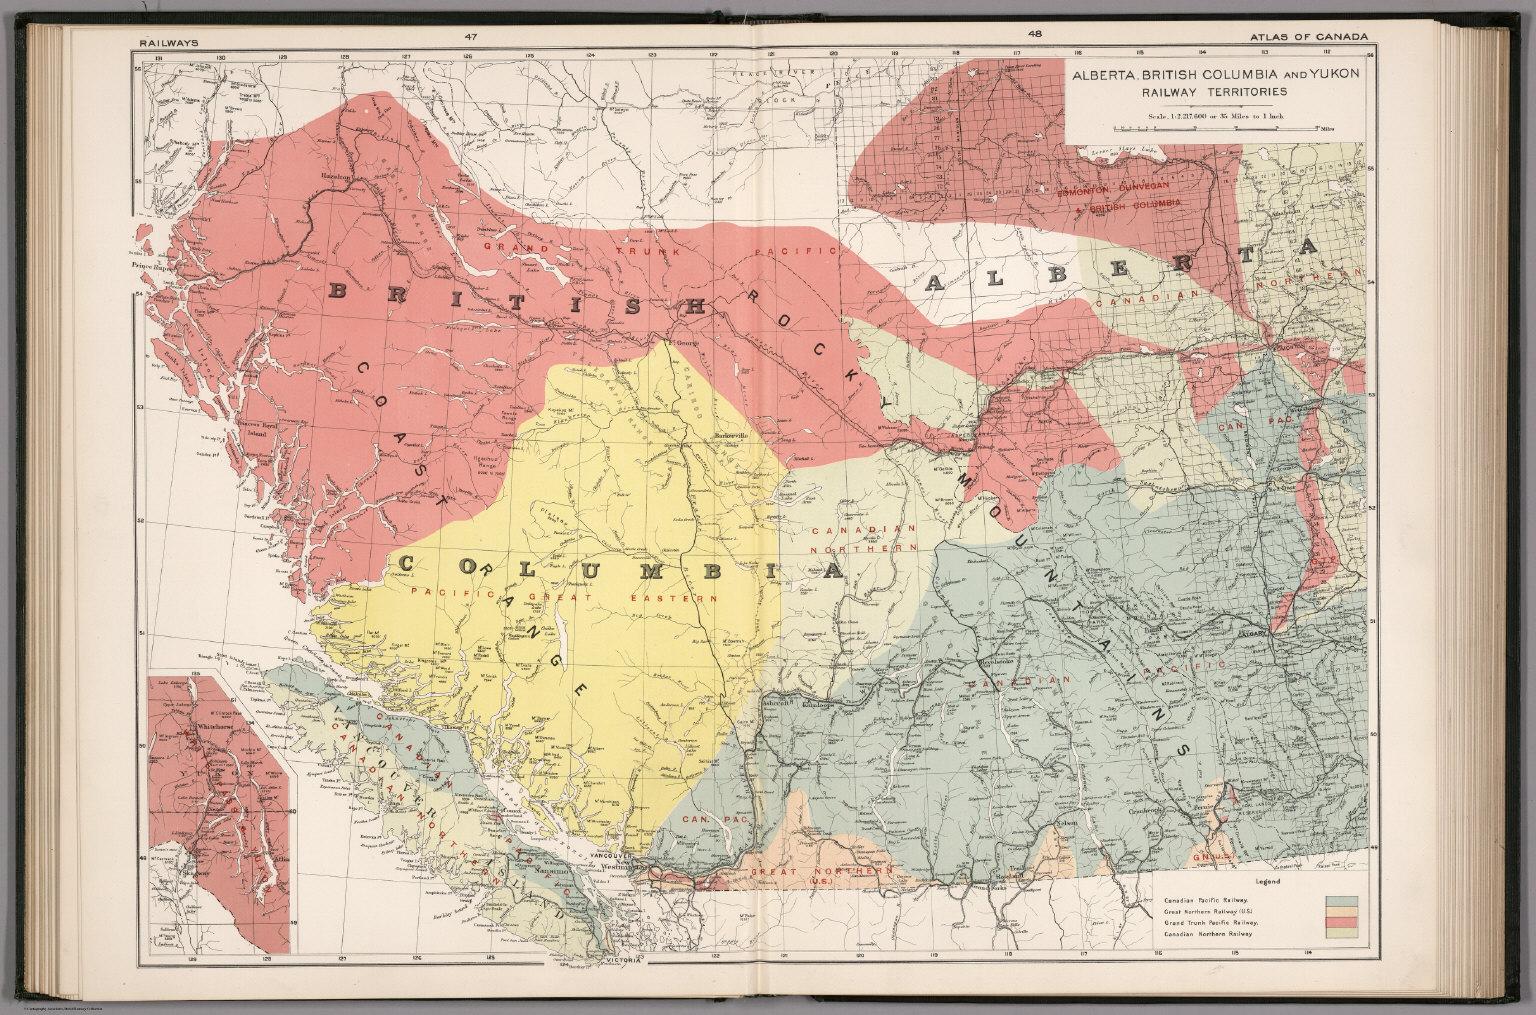 Alberta british columbia and yukon railway territories david alberta british columbia and yukon railway territories gumiabroncs Image collections